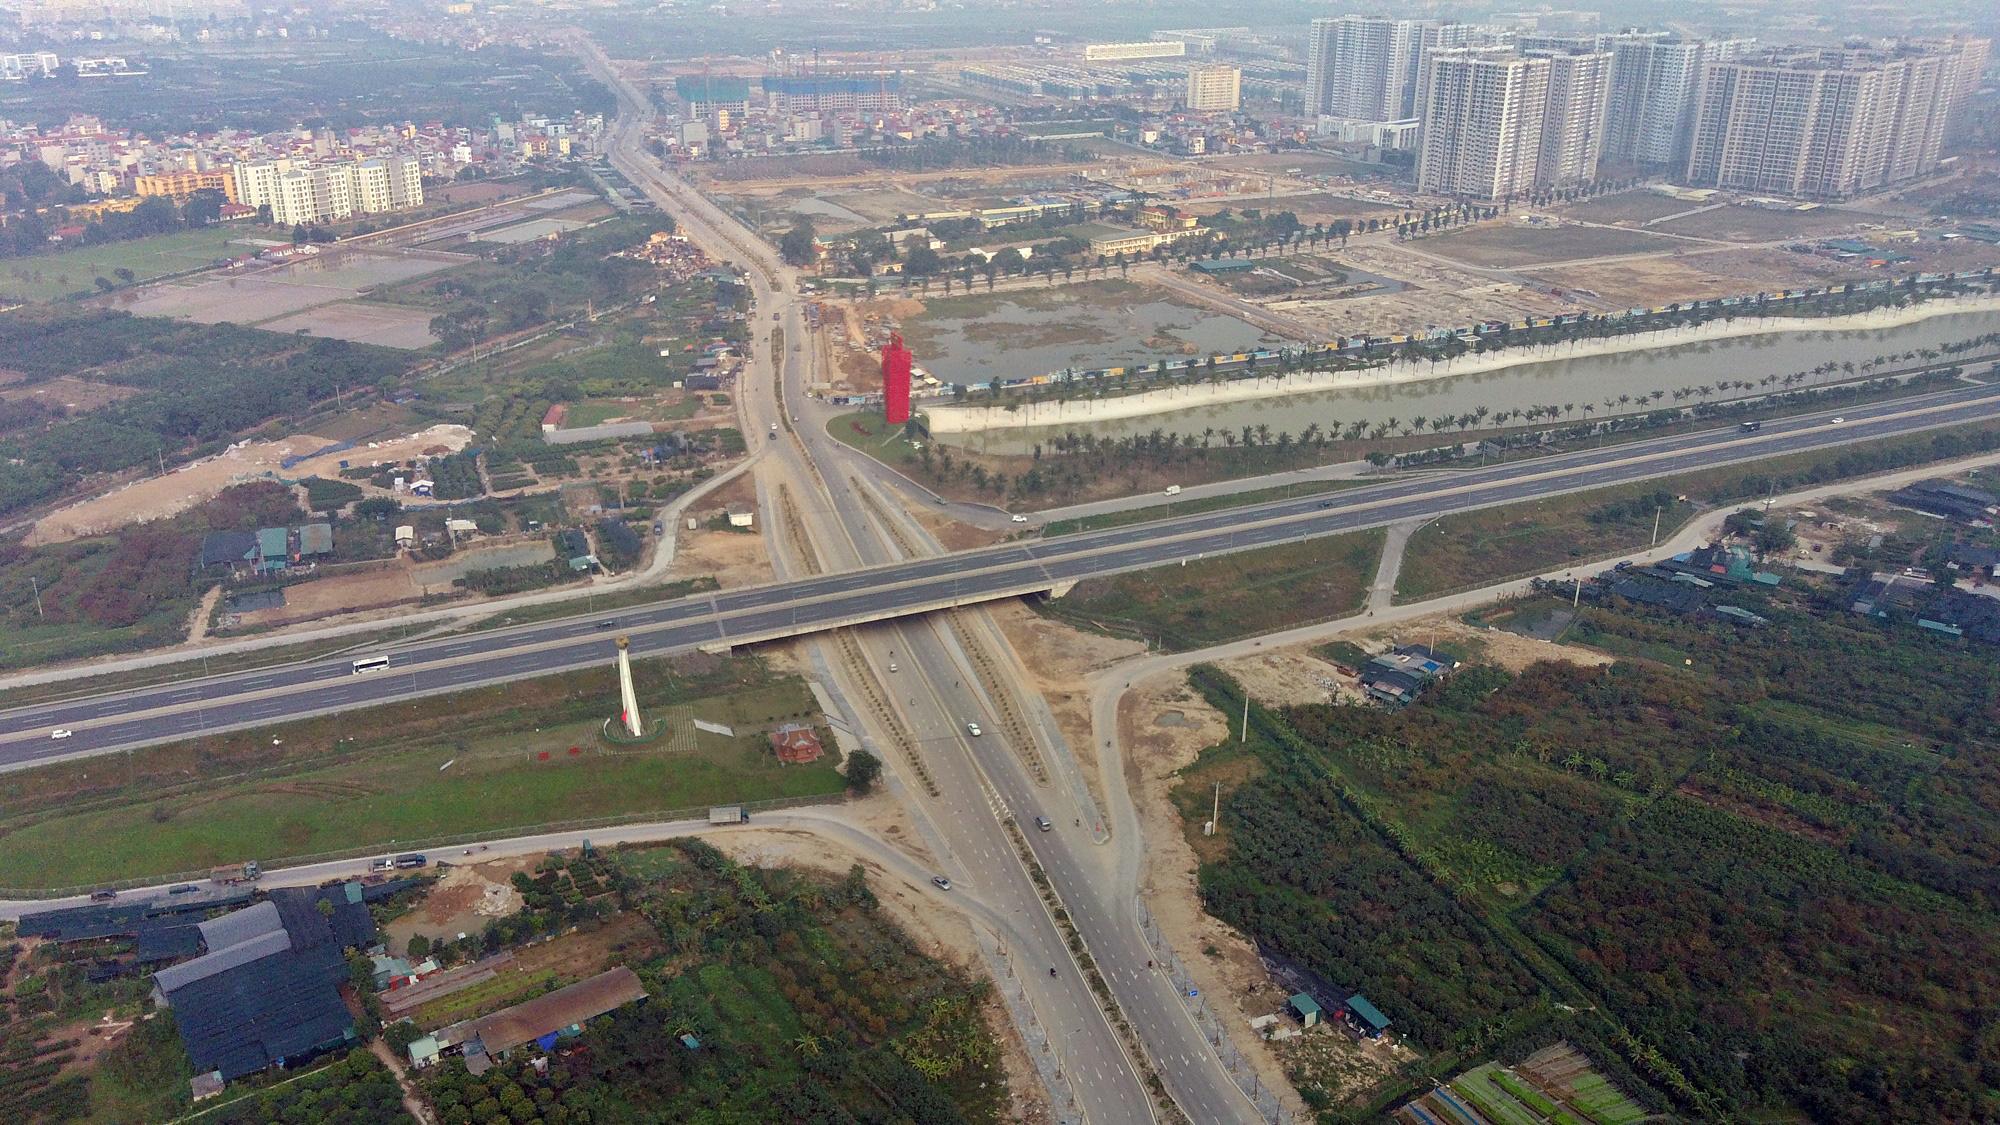 Chuẩn bị lên quận, hạ tầng giao thông huyện Gia Lâm đang thay đổi 'chóng mặt' - Ảnh 11.